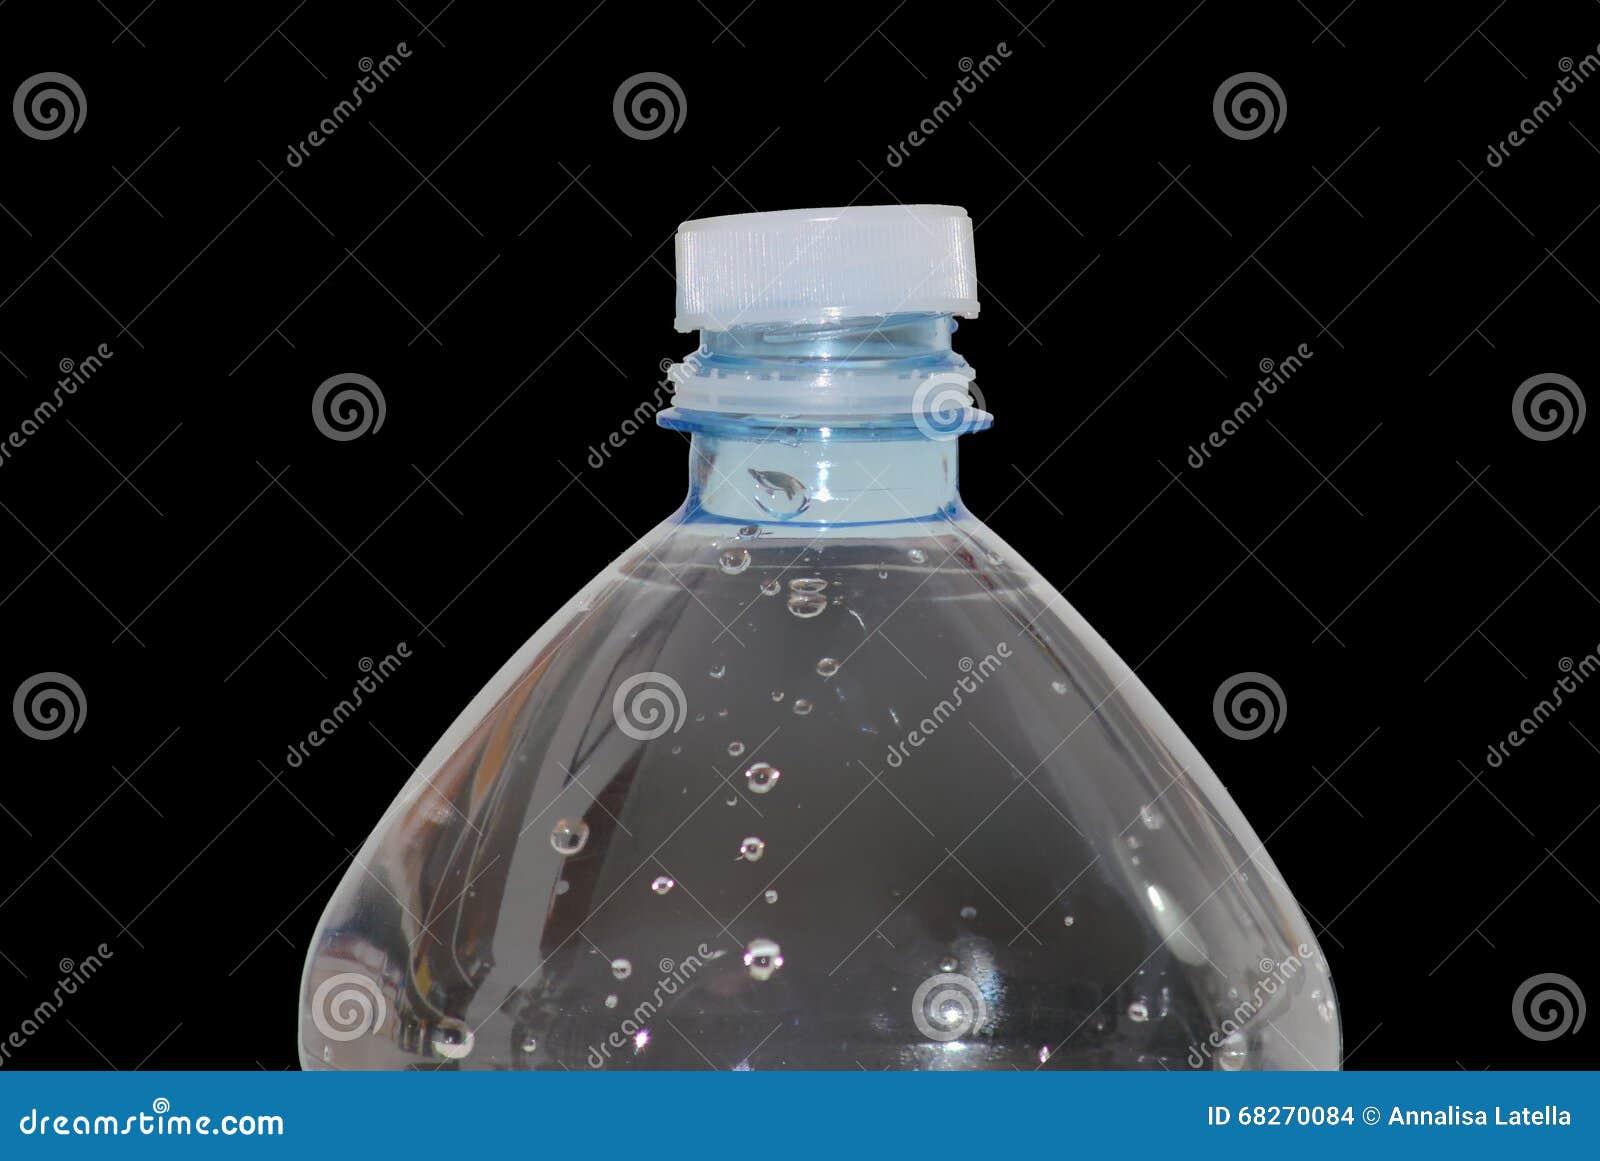 Plastikflasche voll Wasser stockfoto. Bild von